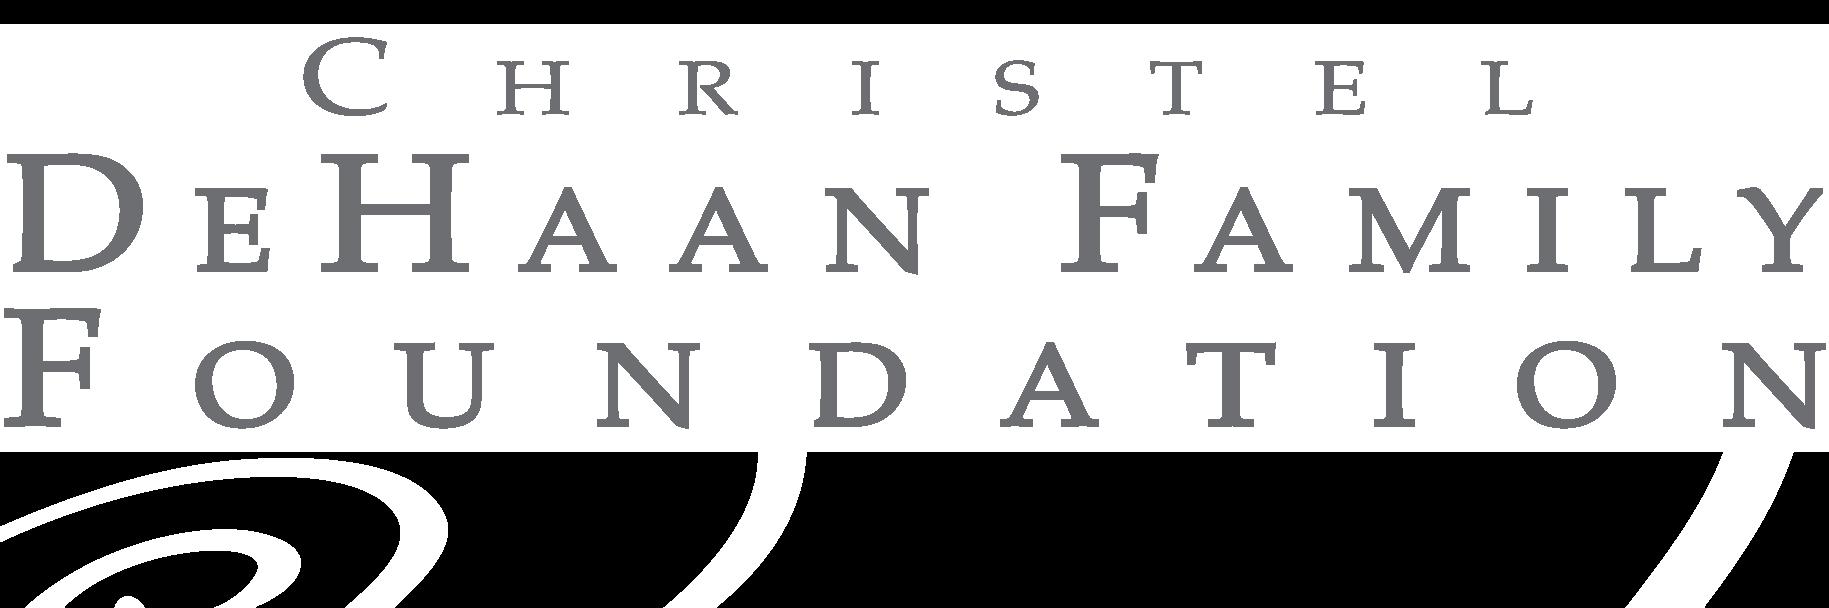 DehaanFamily-logo-hor.png